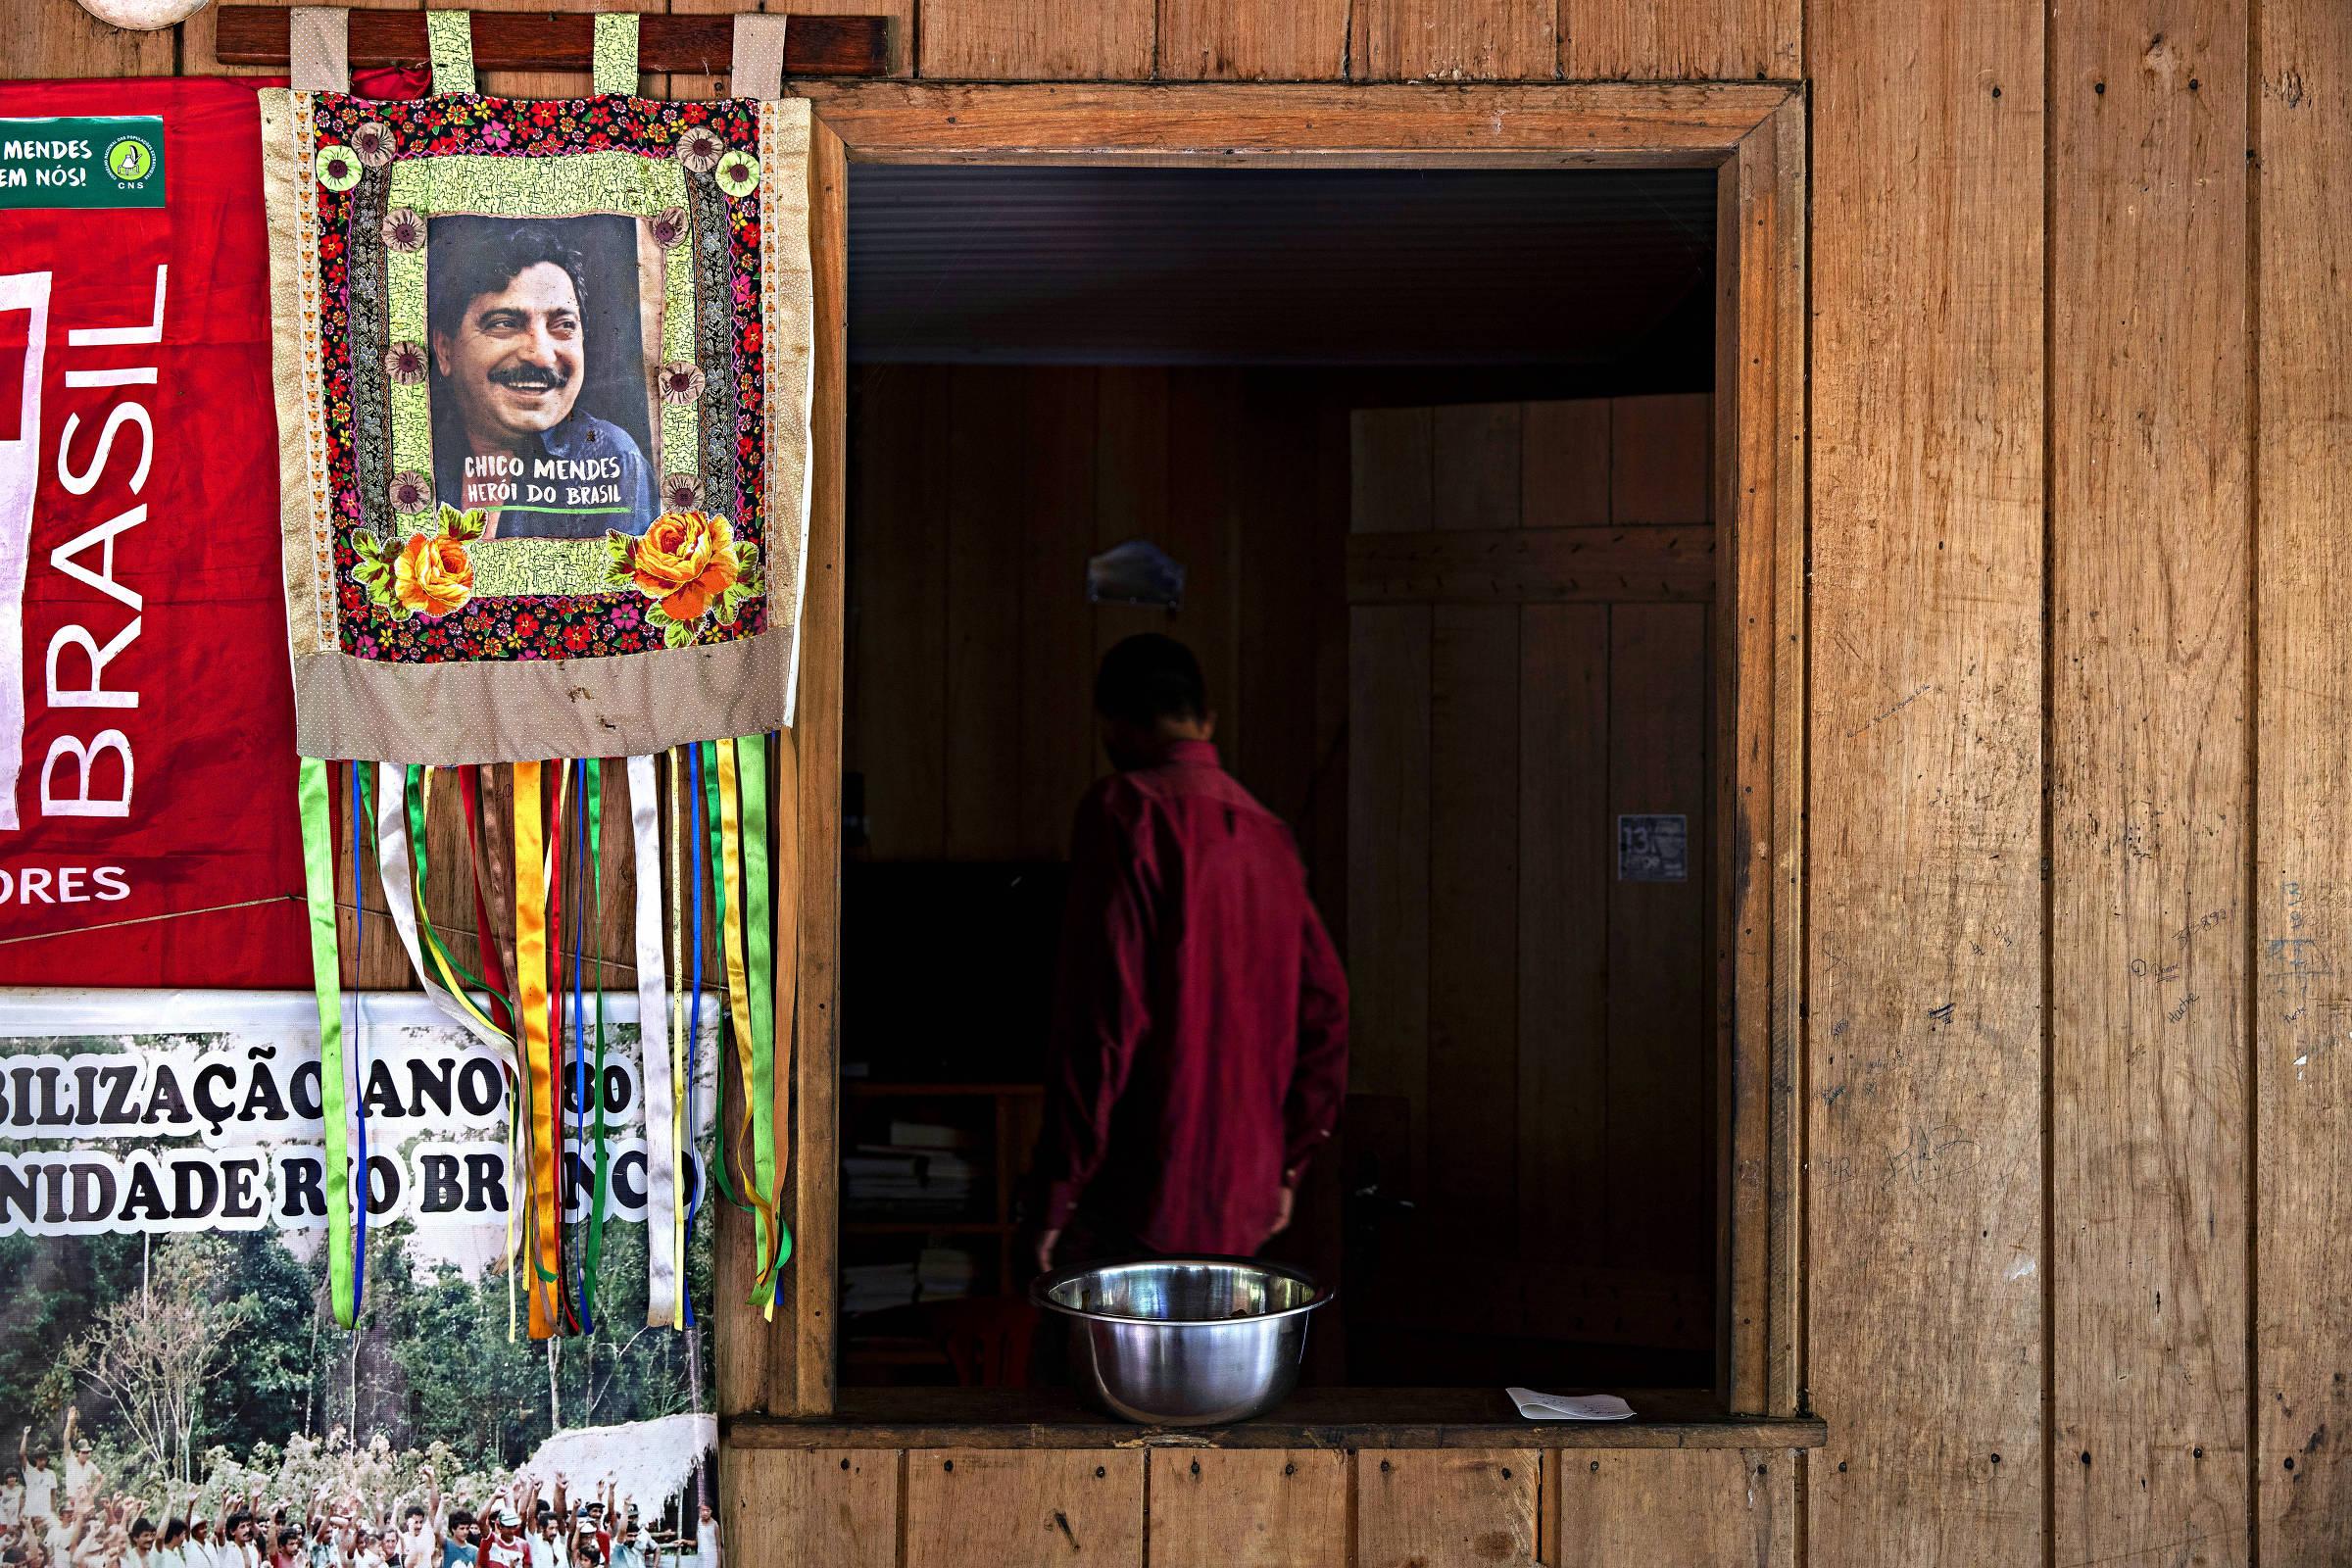 Foto de Chico Mendes, líder dos seringueiros assassinado em 1988, pendurada na parede da casa de Rian Avevedo de Barros no seringal Floresta, em Xapuri (AC)